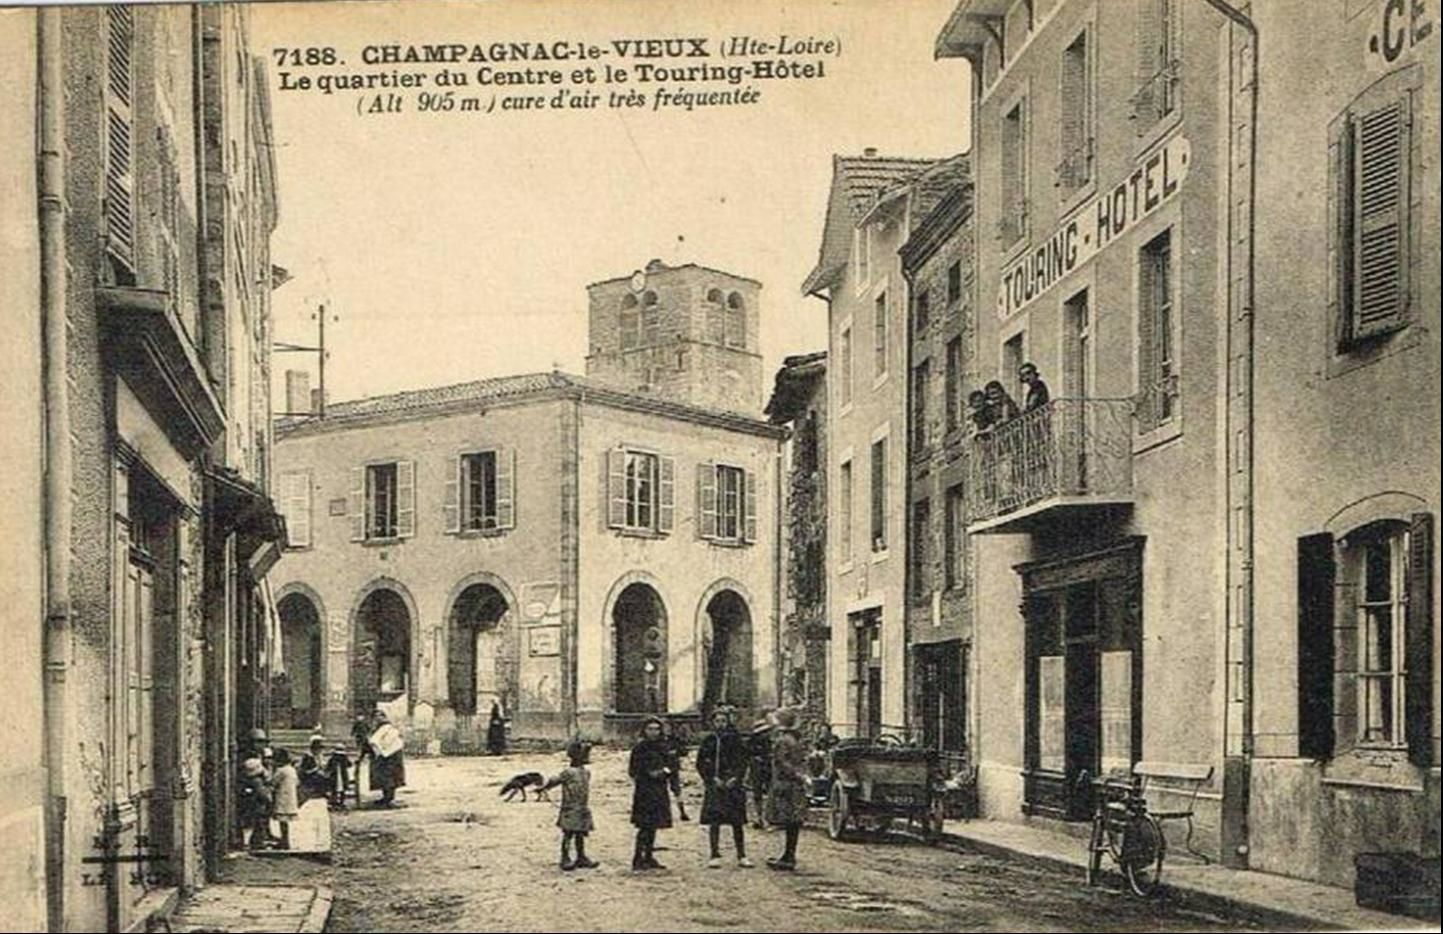 Les hotels à Champagnac le vieux